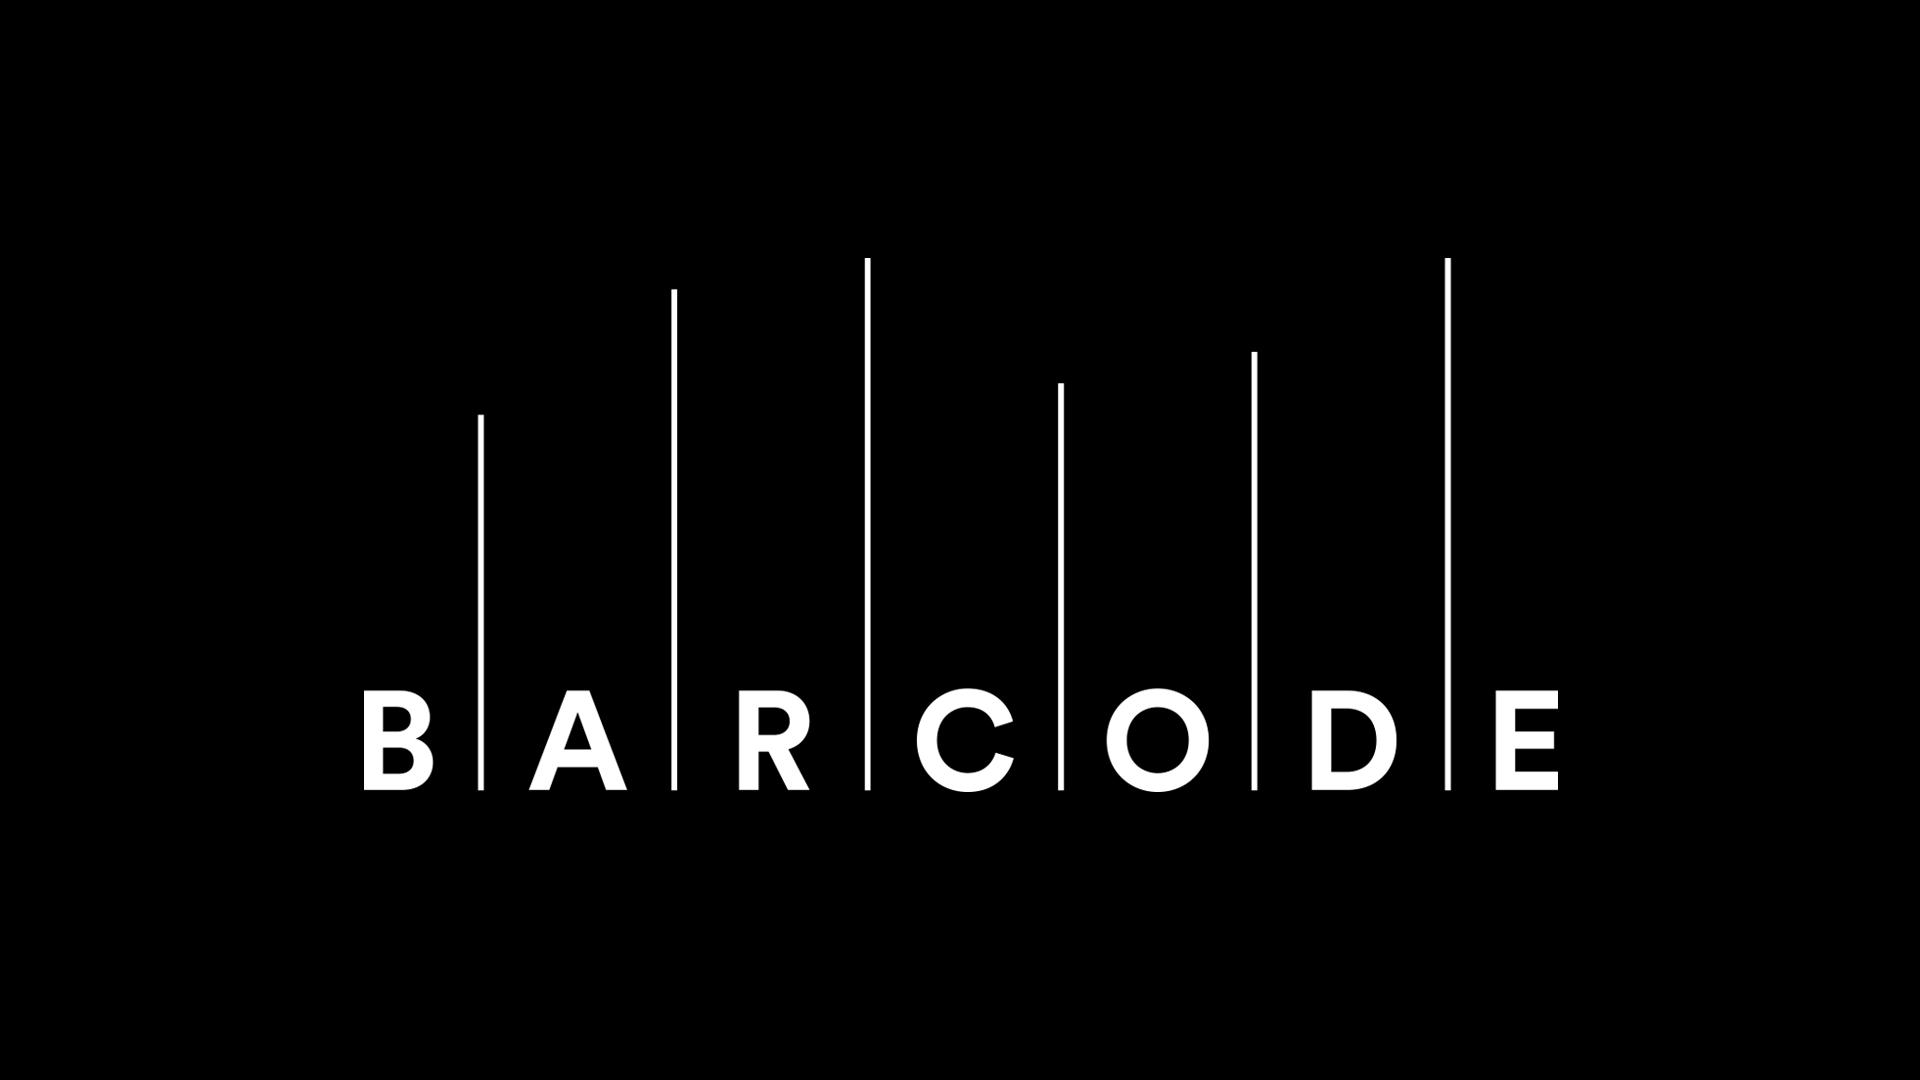 Barcode_Logo_RGB_Negativ.png